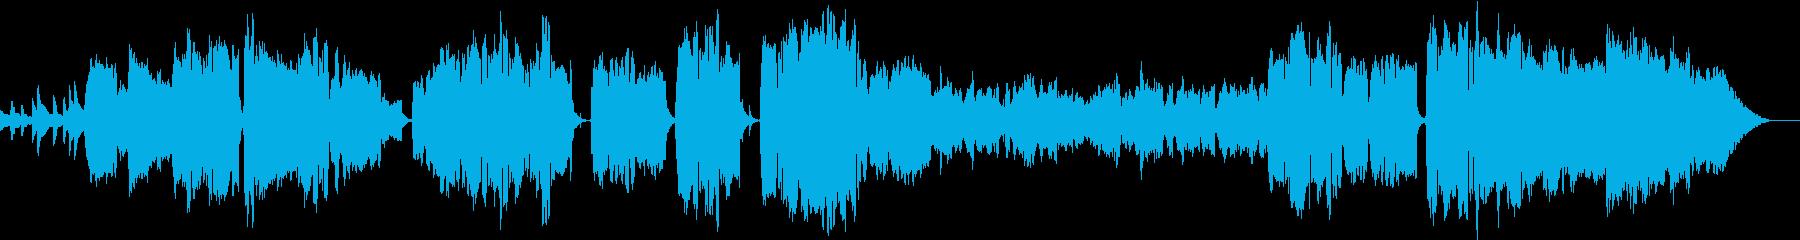 ゆったりとした雰囲気の雅な和風の音楽の再生済みの波形